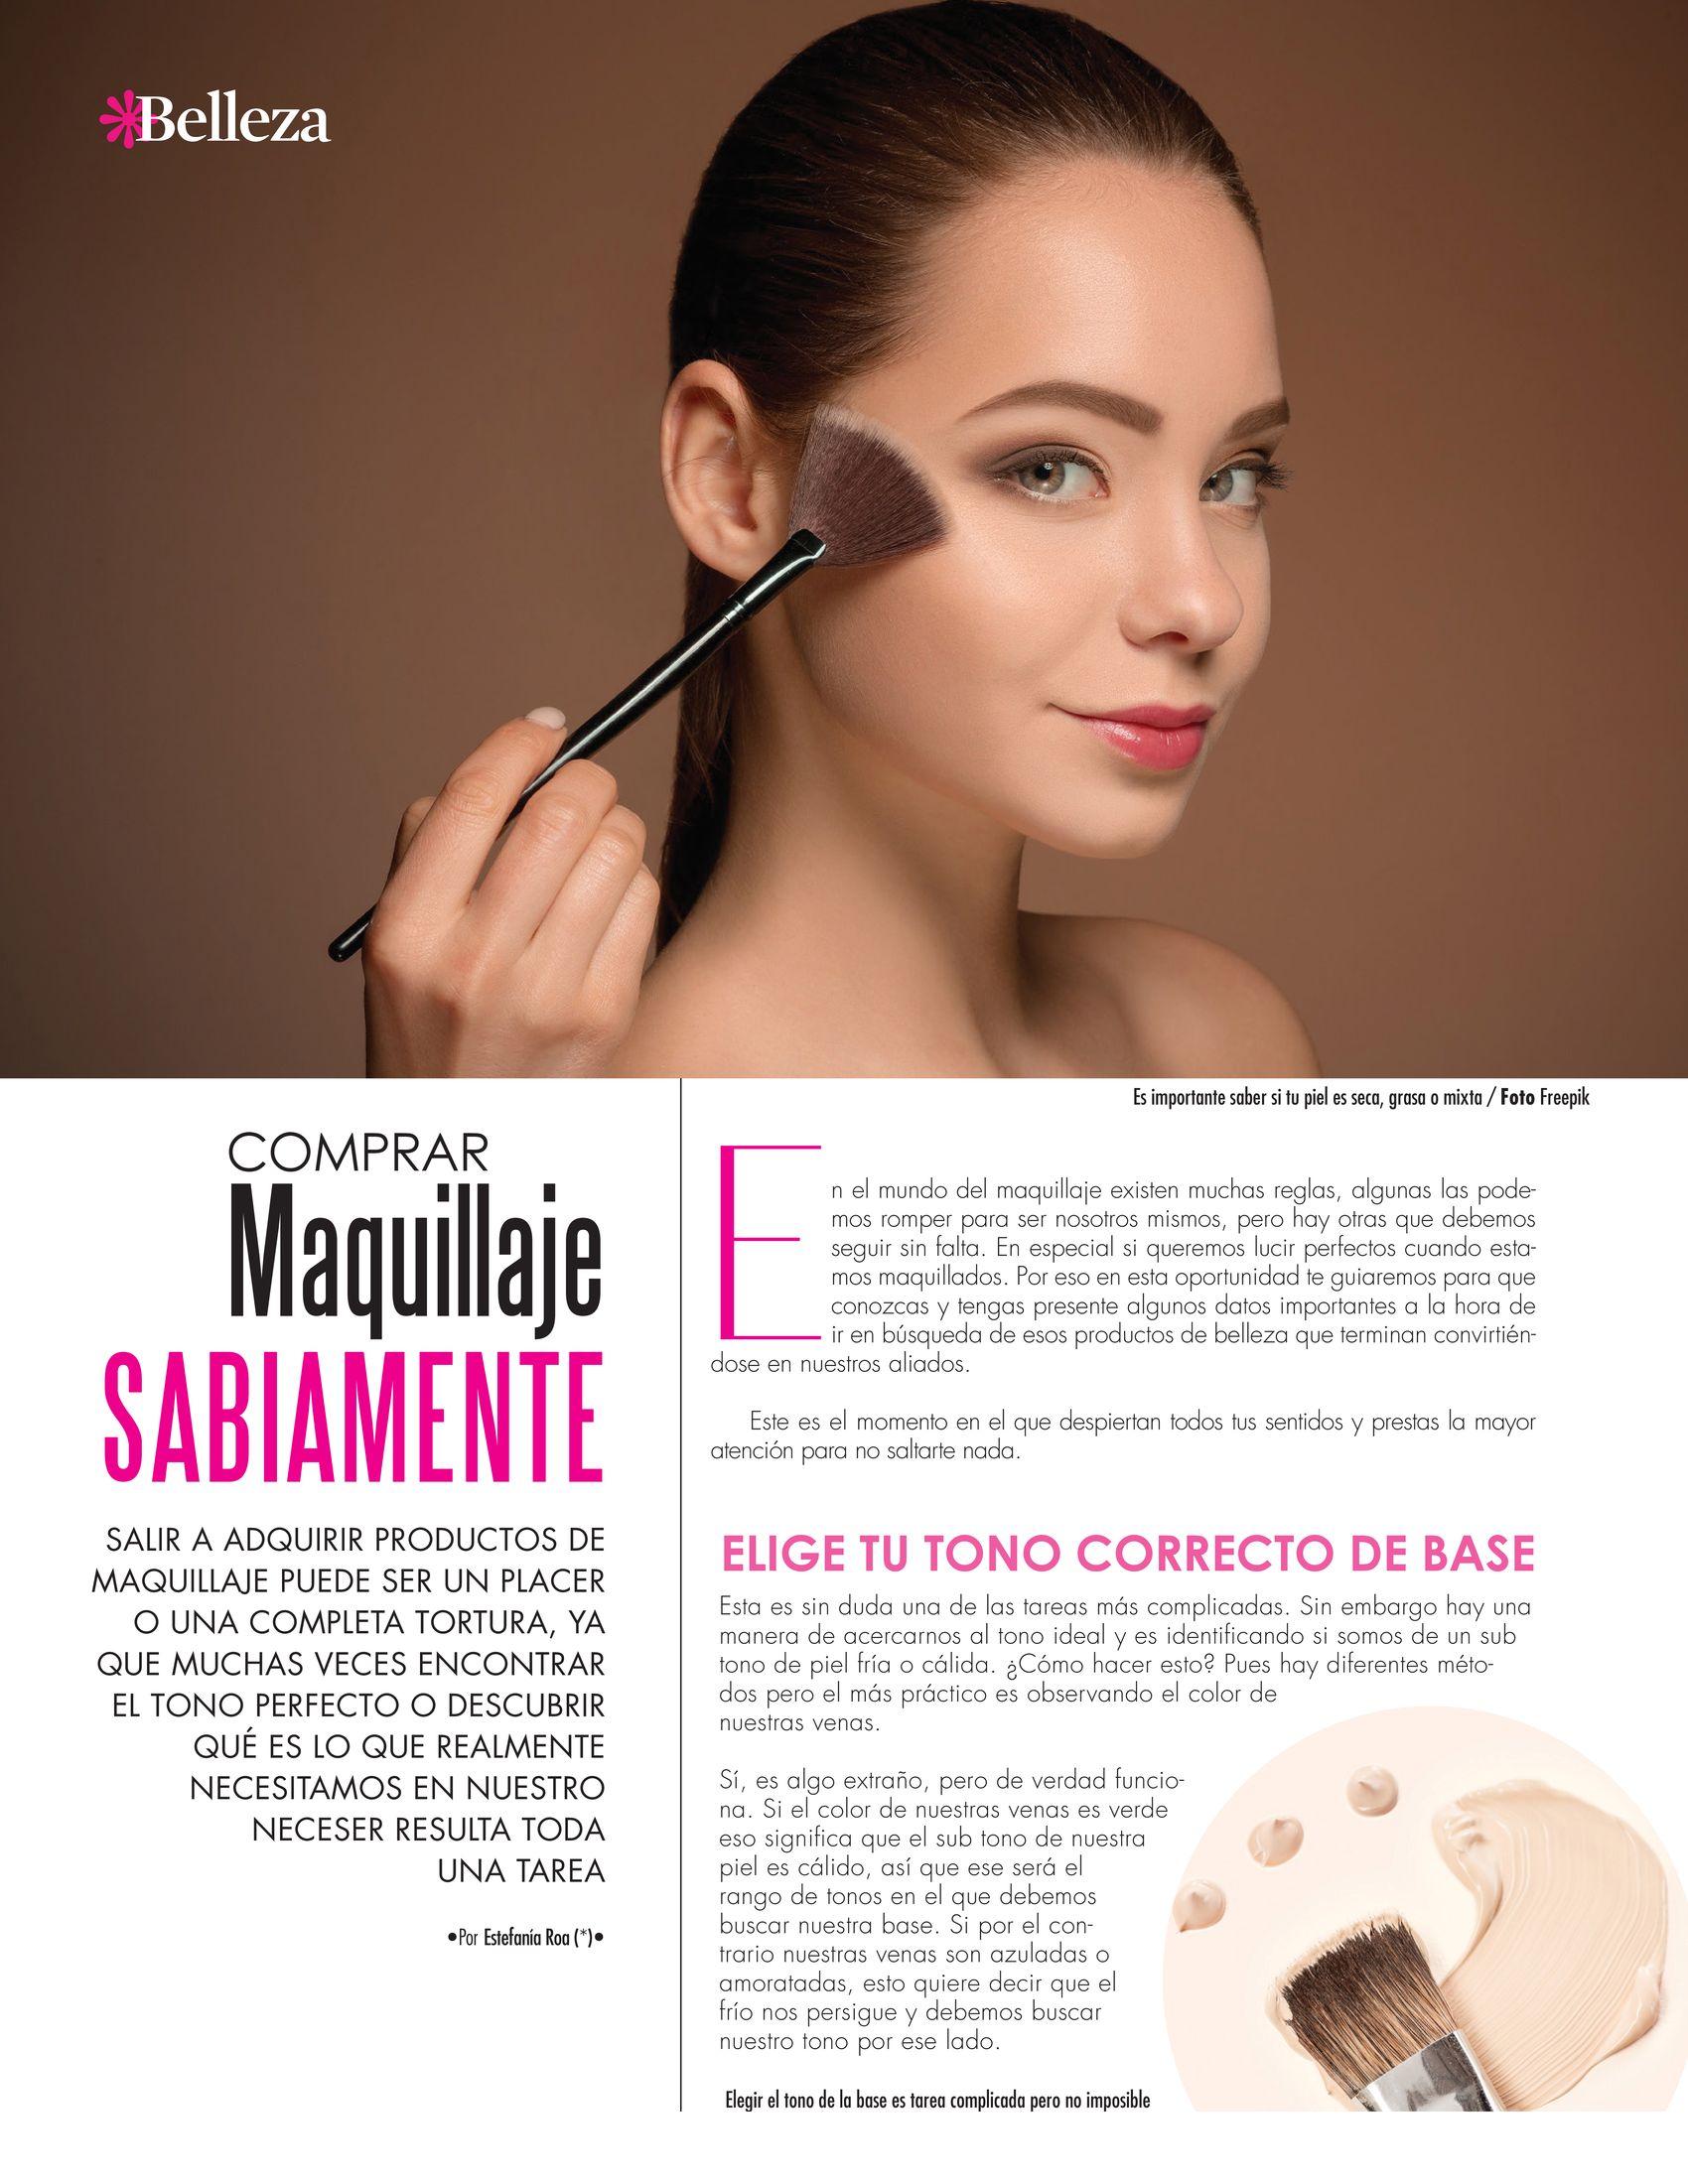 10-REV Belleza: Estefanía Roa:  Comprar maquillaje sabiamente